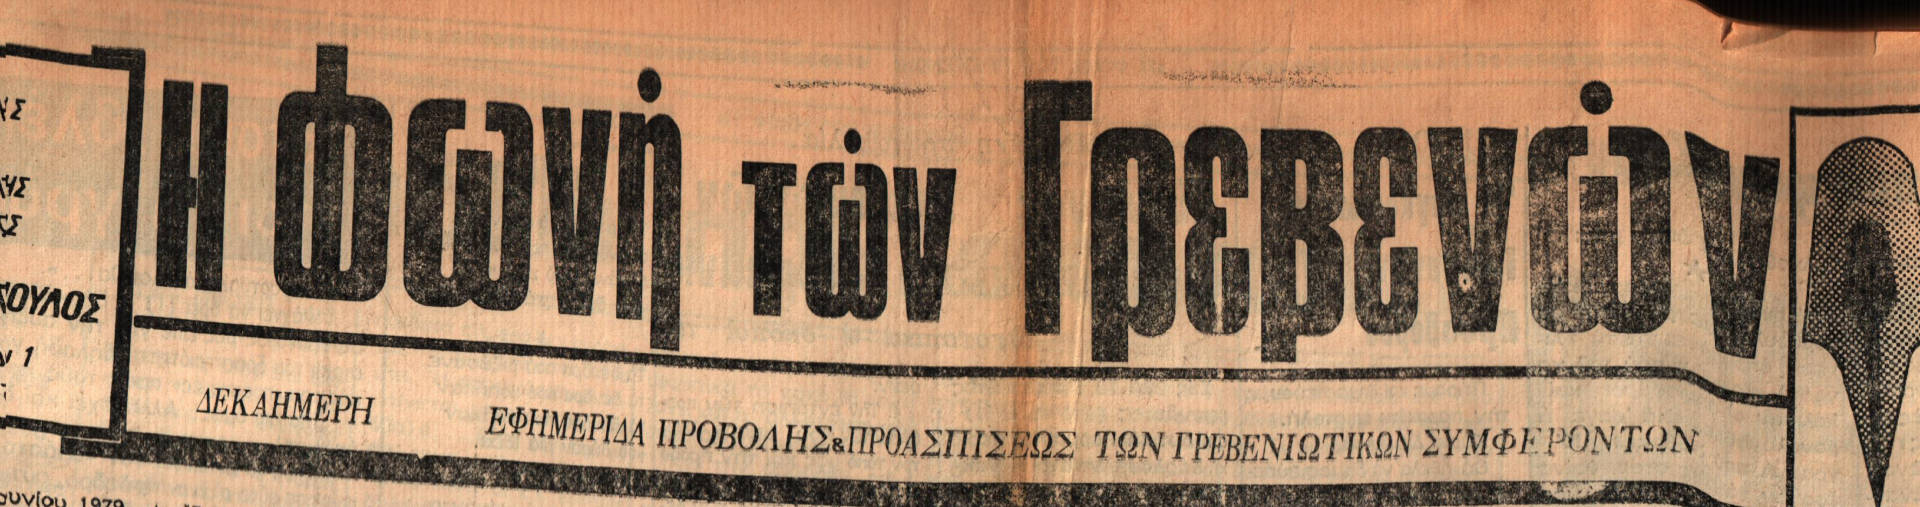 Η ιστορία των Γρεβενών μέσα από τον Τοπικό Τύπο.Σήμερα:Παραλειπόμενα